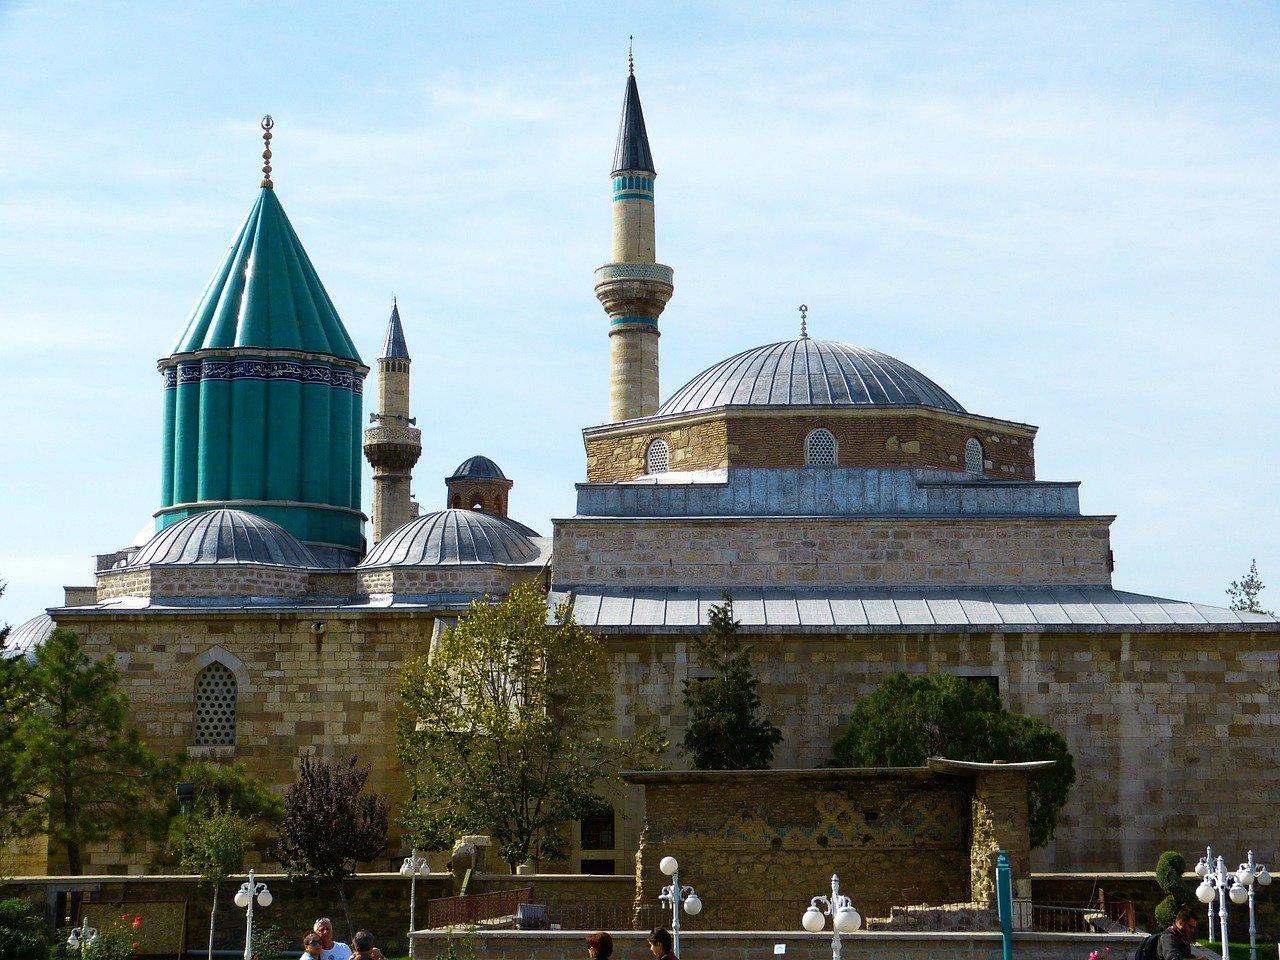 türkiye'de görülmesi gereken yerler, mevlana müzesi